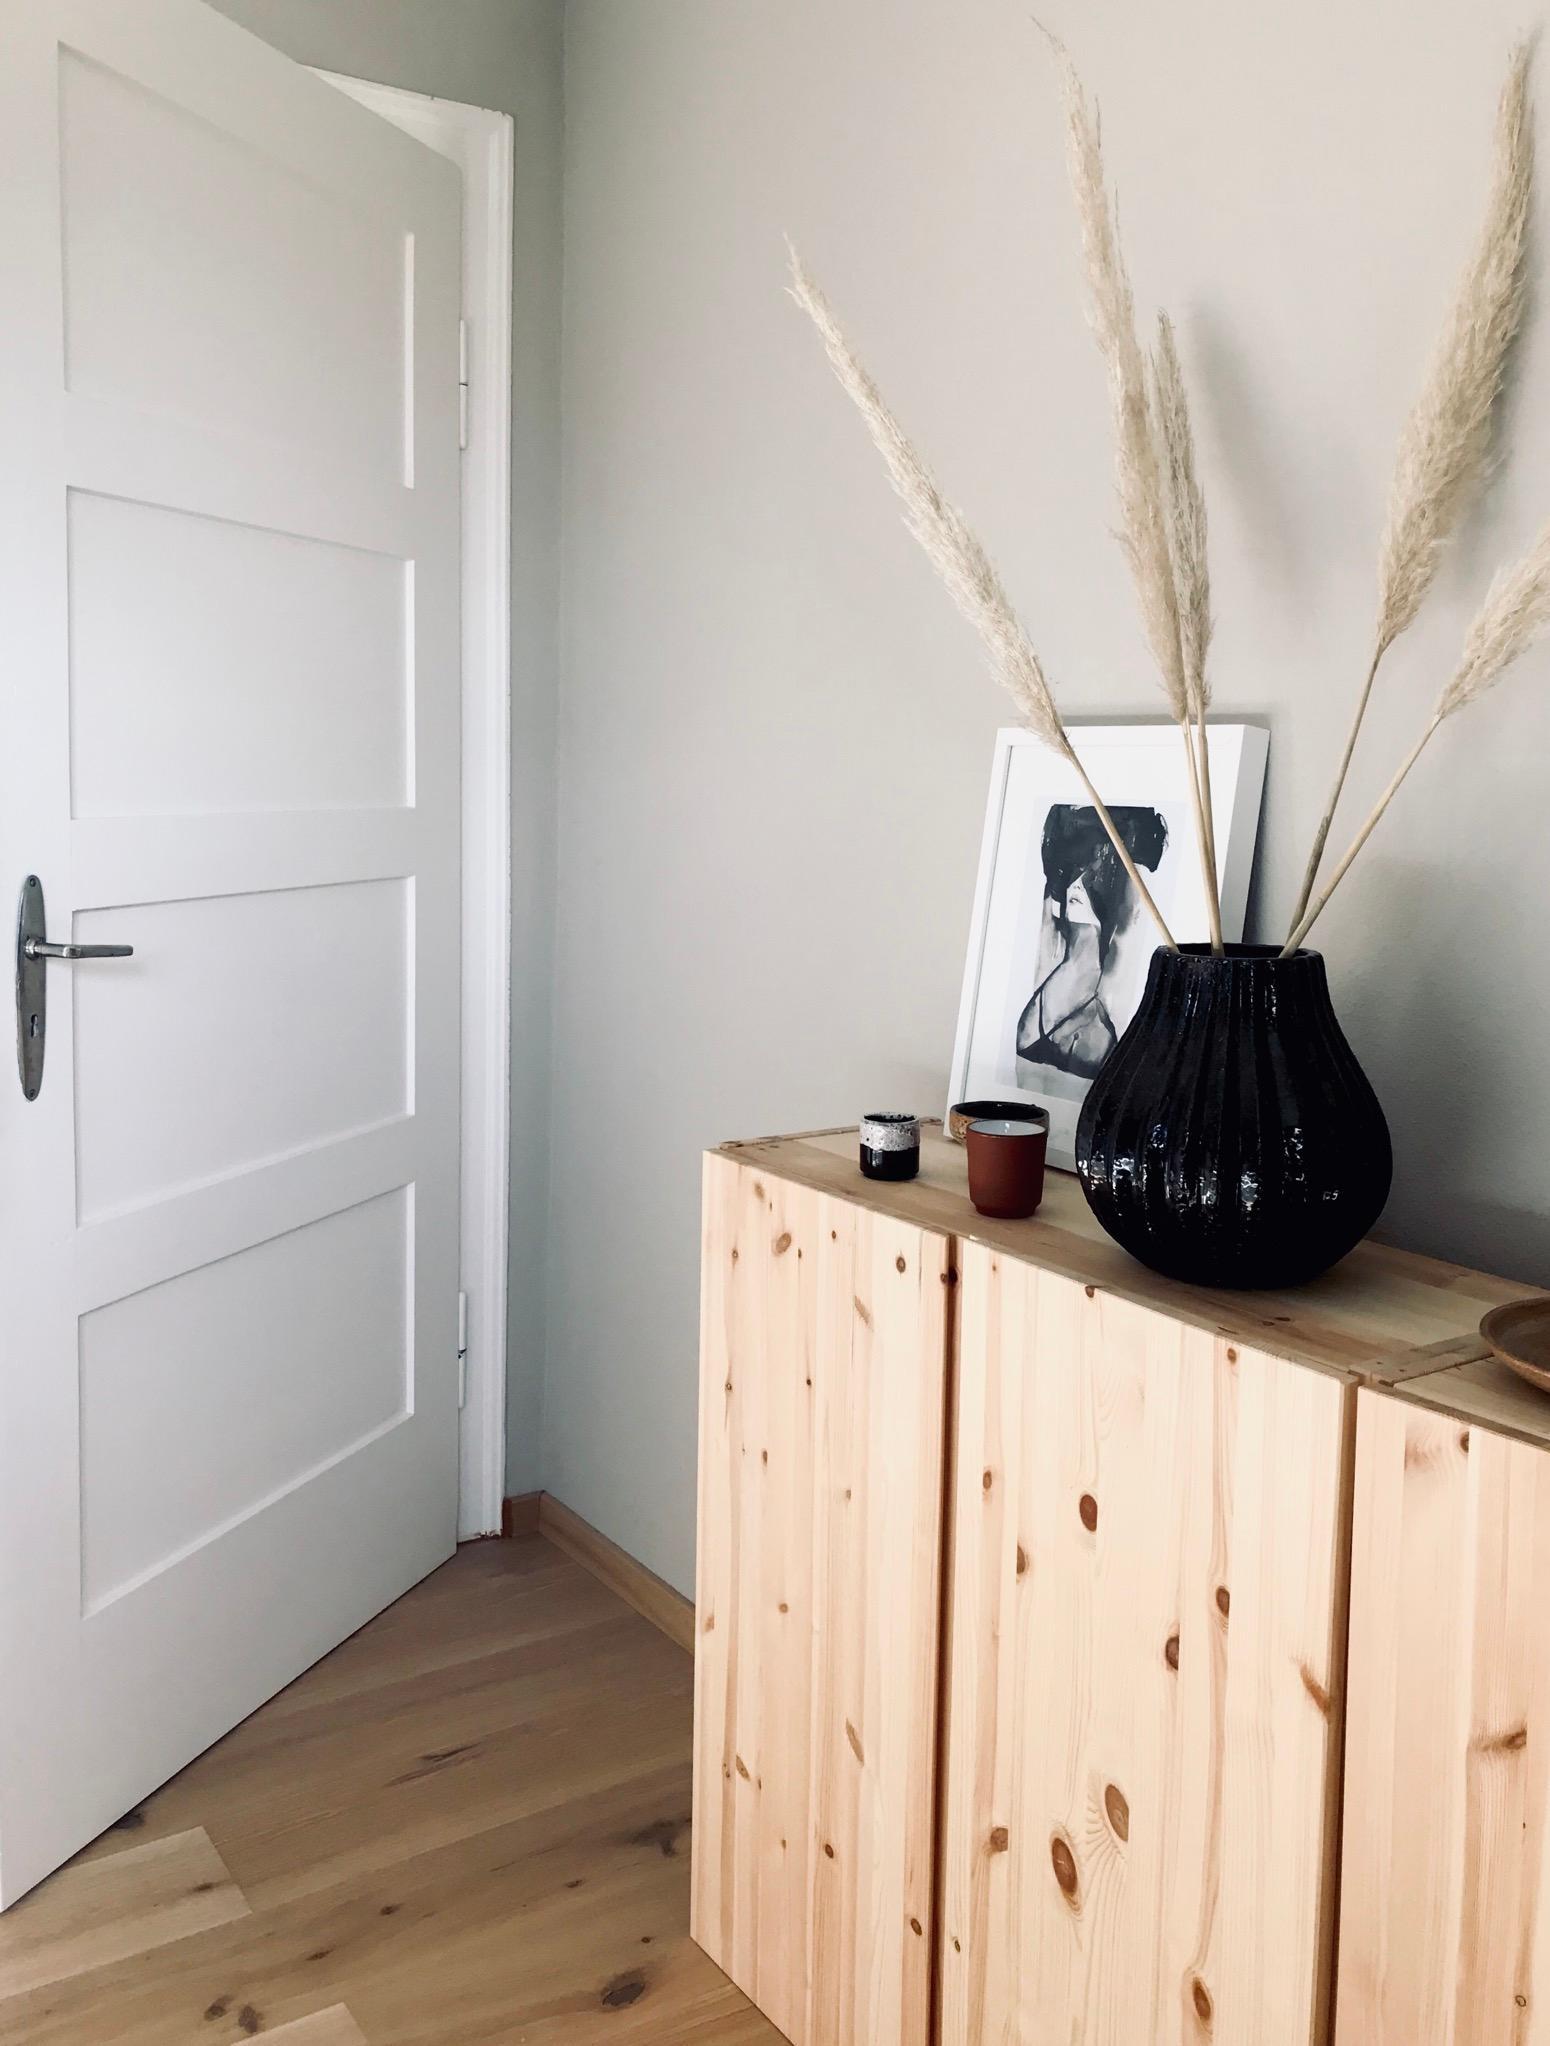 Full Size of Schlafzimmer Interior Deko Wand Sideboard Küche Badezimmer Wohnzimmer Wanddeko Für Dekoration Mit Arbeitsplatte Wohnzimmer Deko Sideboard